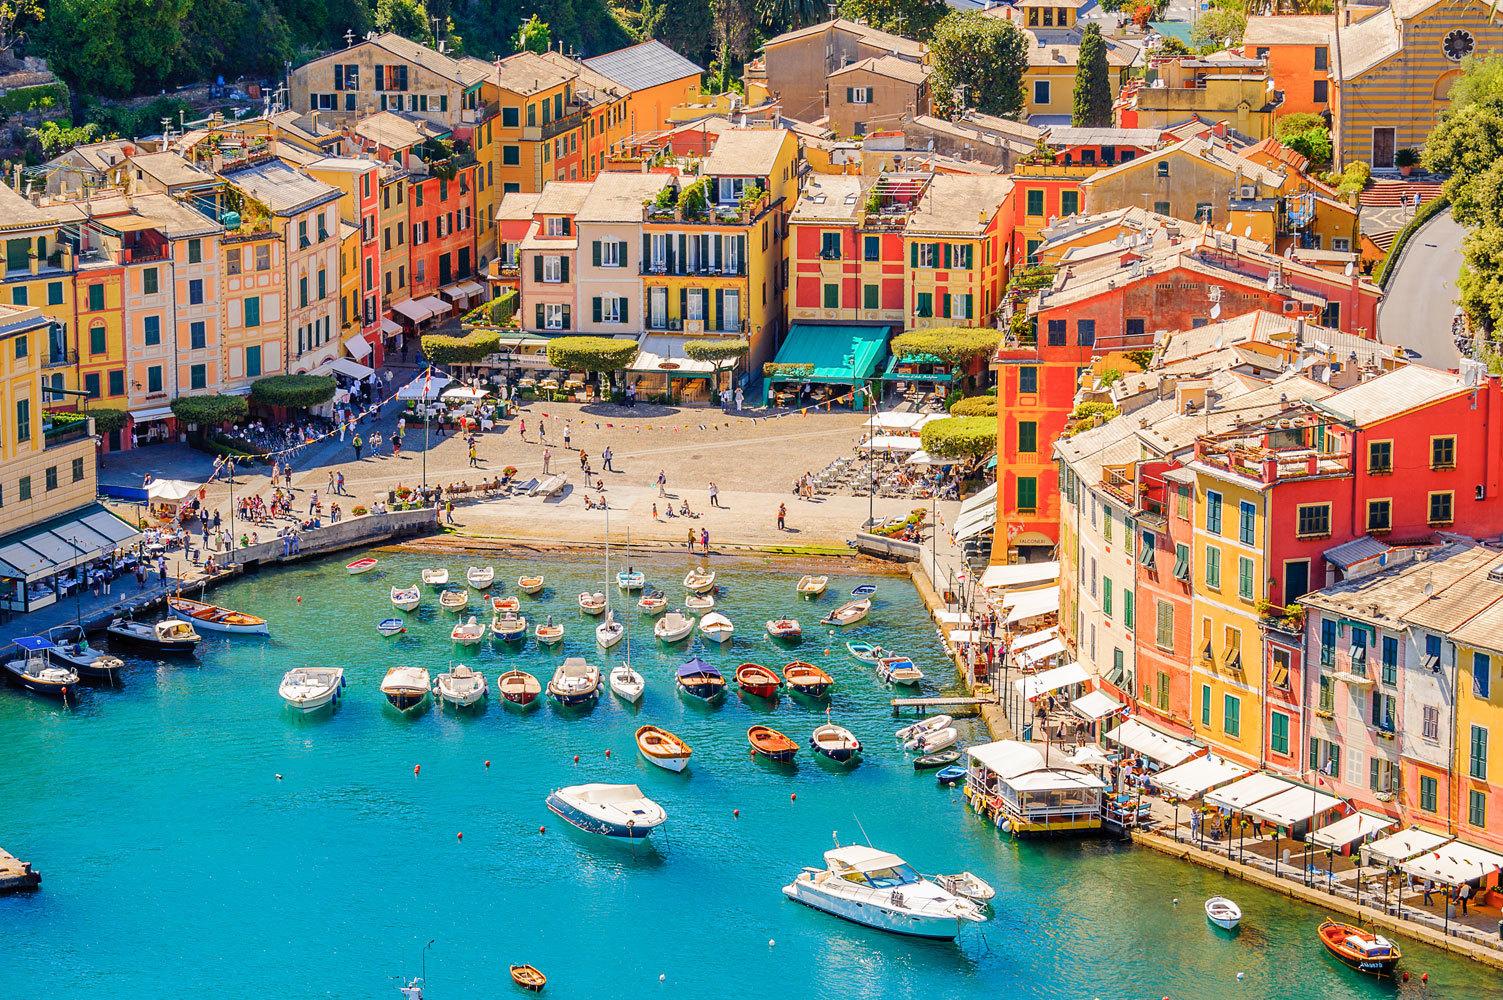 """Pocas localidades hay tan fotogénicas como Portofino, antiguo pueblo de pescadores de la provincia de Génova reconvertido en <a href=""""https://www.elmundo.es/viajes/europa/2017/07/24/59256d8146163f274a8b459f.html"""" target=""""_blank"""">refugio de la jet set</a> desde que <strong>Elizabeth Taylor</strong> rodara aquí <em>Cleopatra</em> en 1963. Ahora, cada verano otras <em>celebrities</em> como<strong> Beyoncé o Carla Bruni </strong>lucen su moreno en los yates atracados en la bahía. Para hospedarse eligen las <strong>mansiones de lujo </strong>ocultas entre colinas. Es el primero de los 10 rincones de Italia a los que estamos deseando volver, ahora que <a href=""""https://www.elmundo.es/viajes/europa/2020/05/19/5ec270a921efa0d5688b457c.html"""" target=""""_blank"""">el país ha abierto sus fronteras al turismo</a>, siendo uno de los primeros de la Unión Europea en hacerlo."""